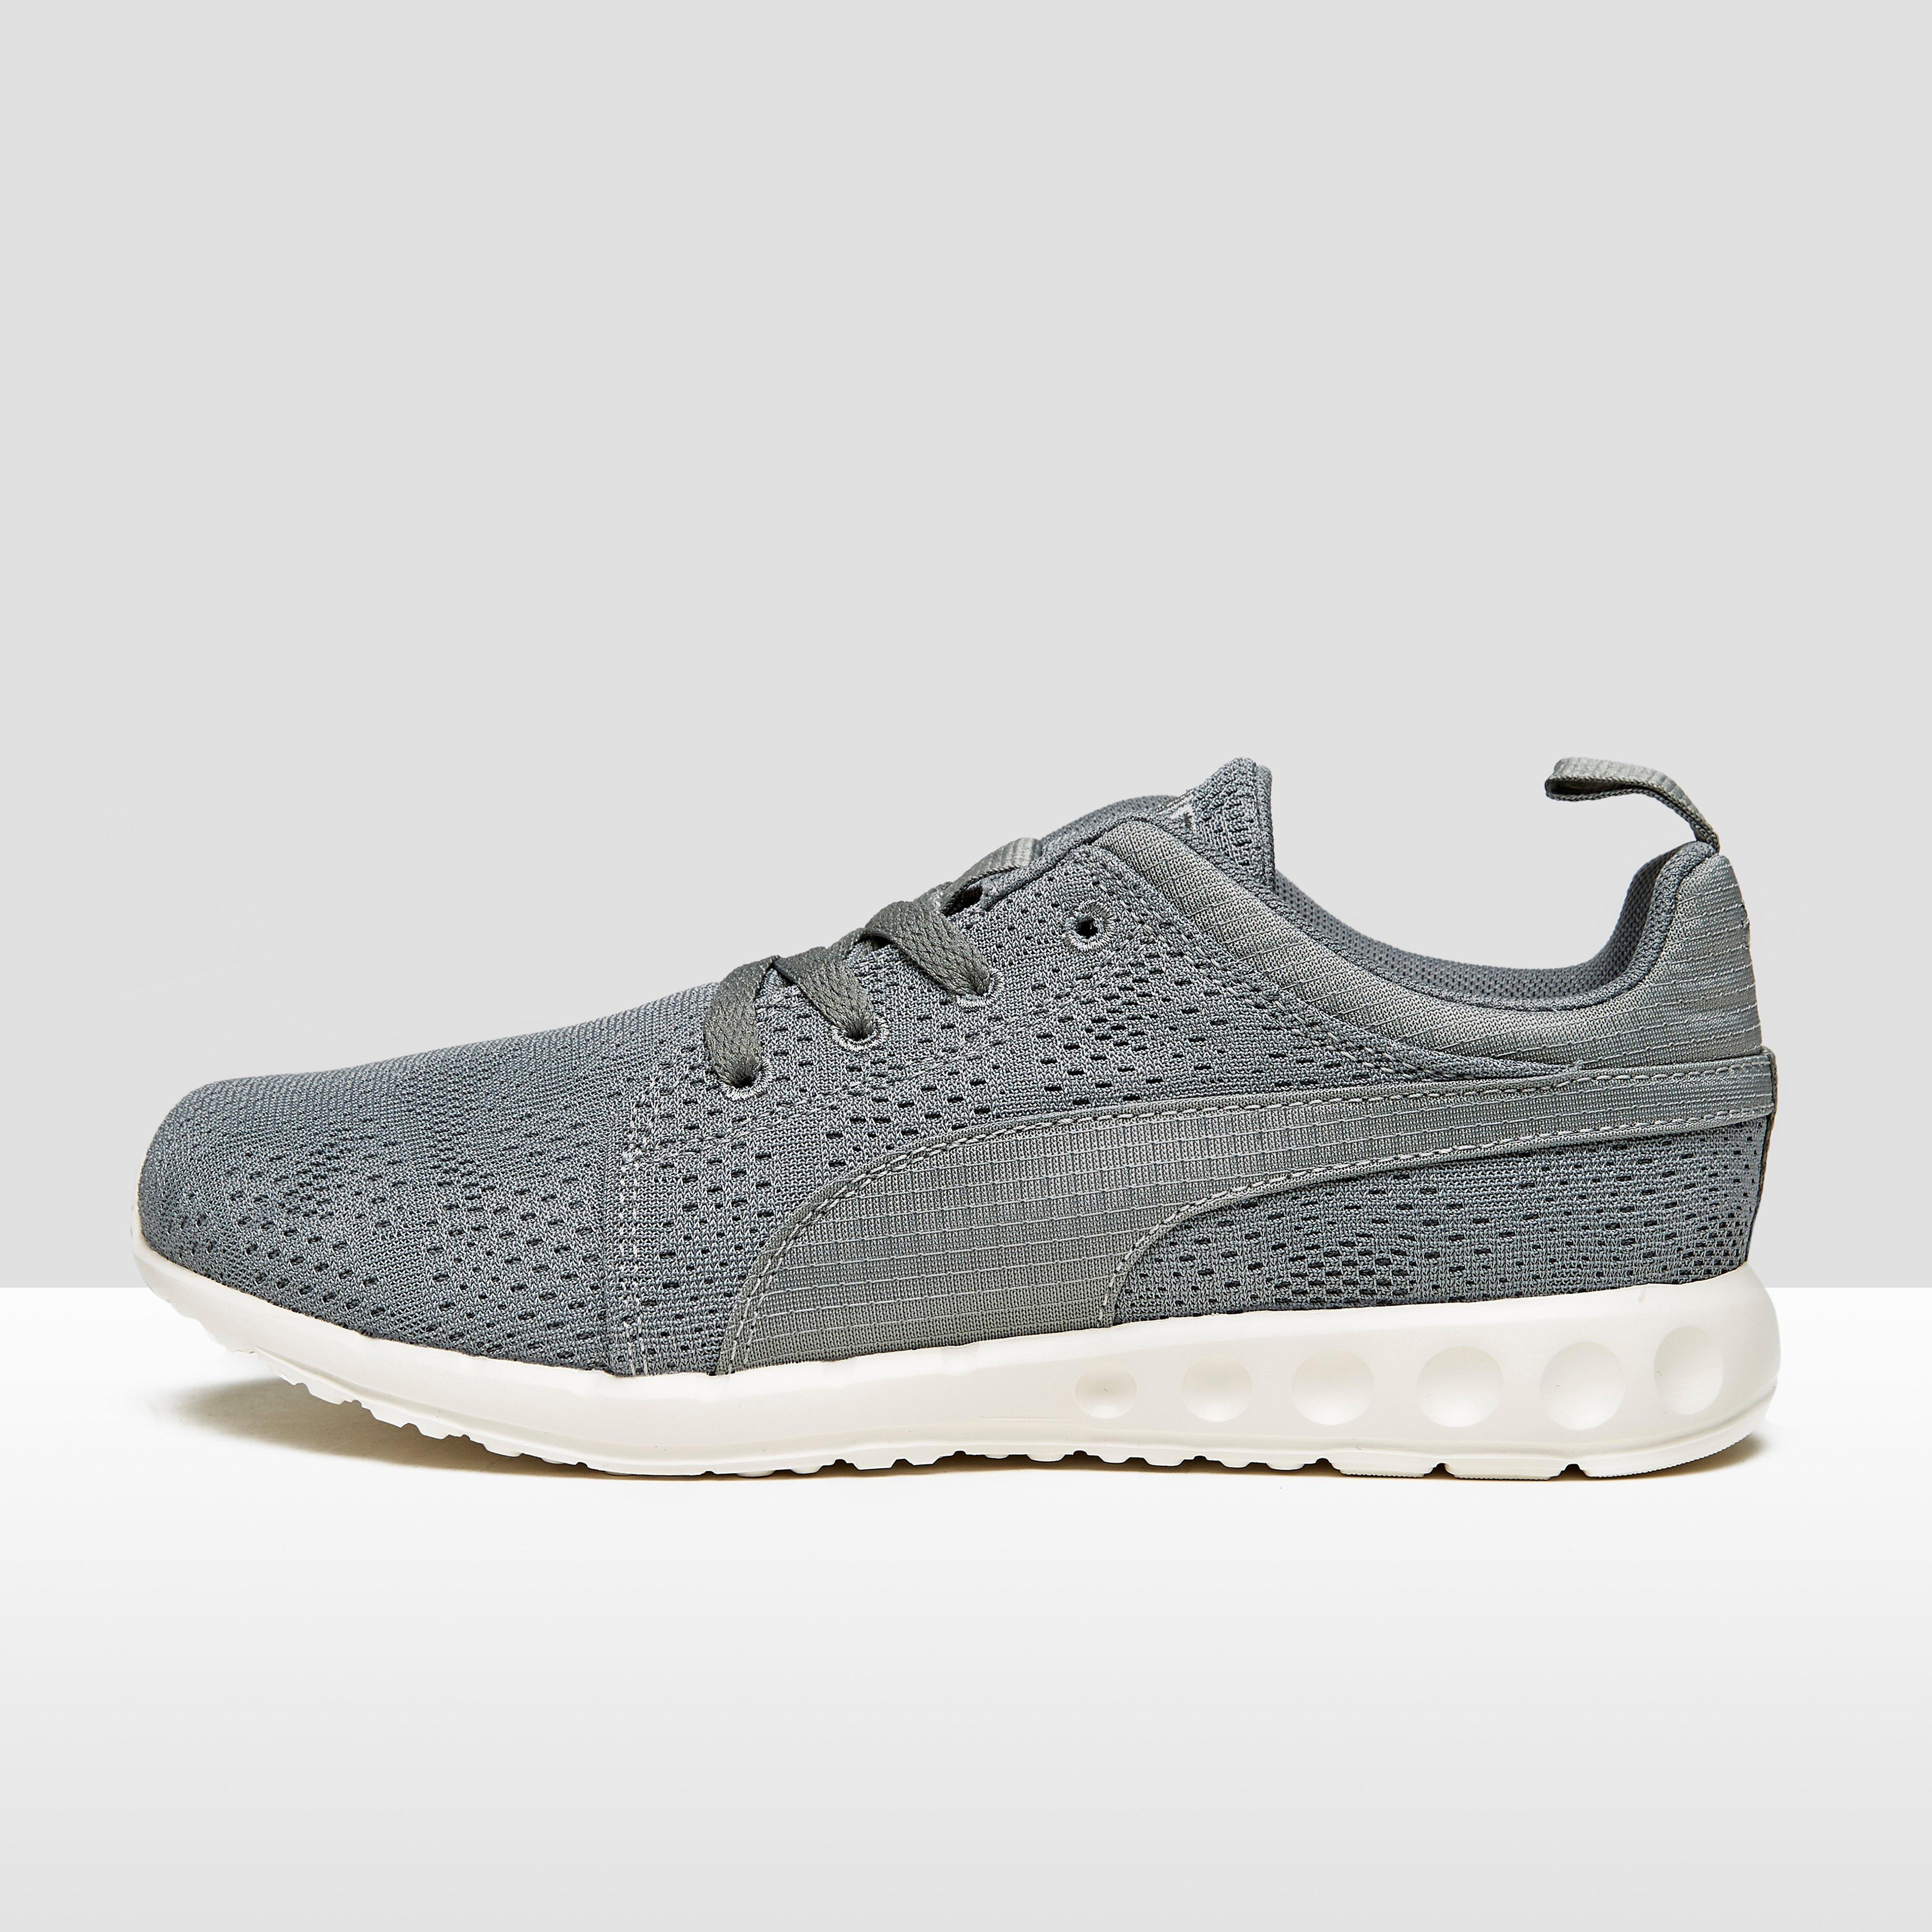 Carson Chaussures Puma Vert Pour Les Hommes fOx00